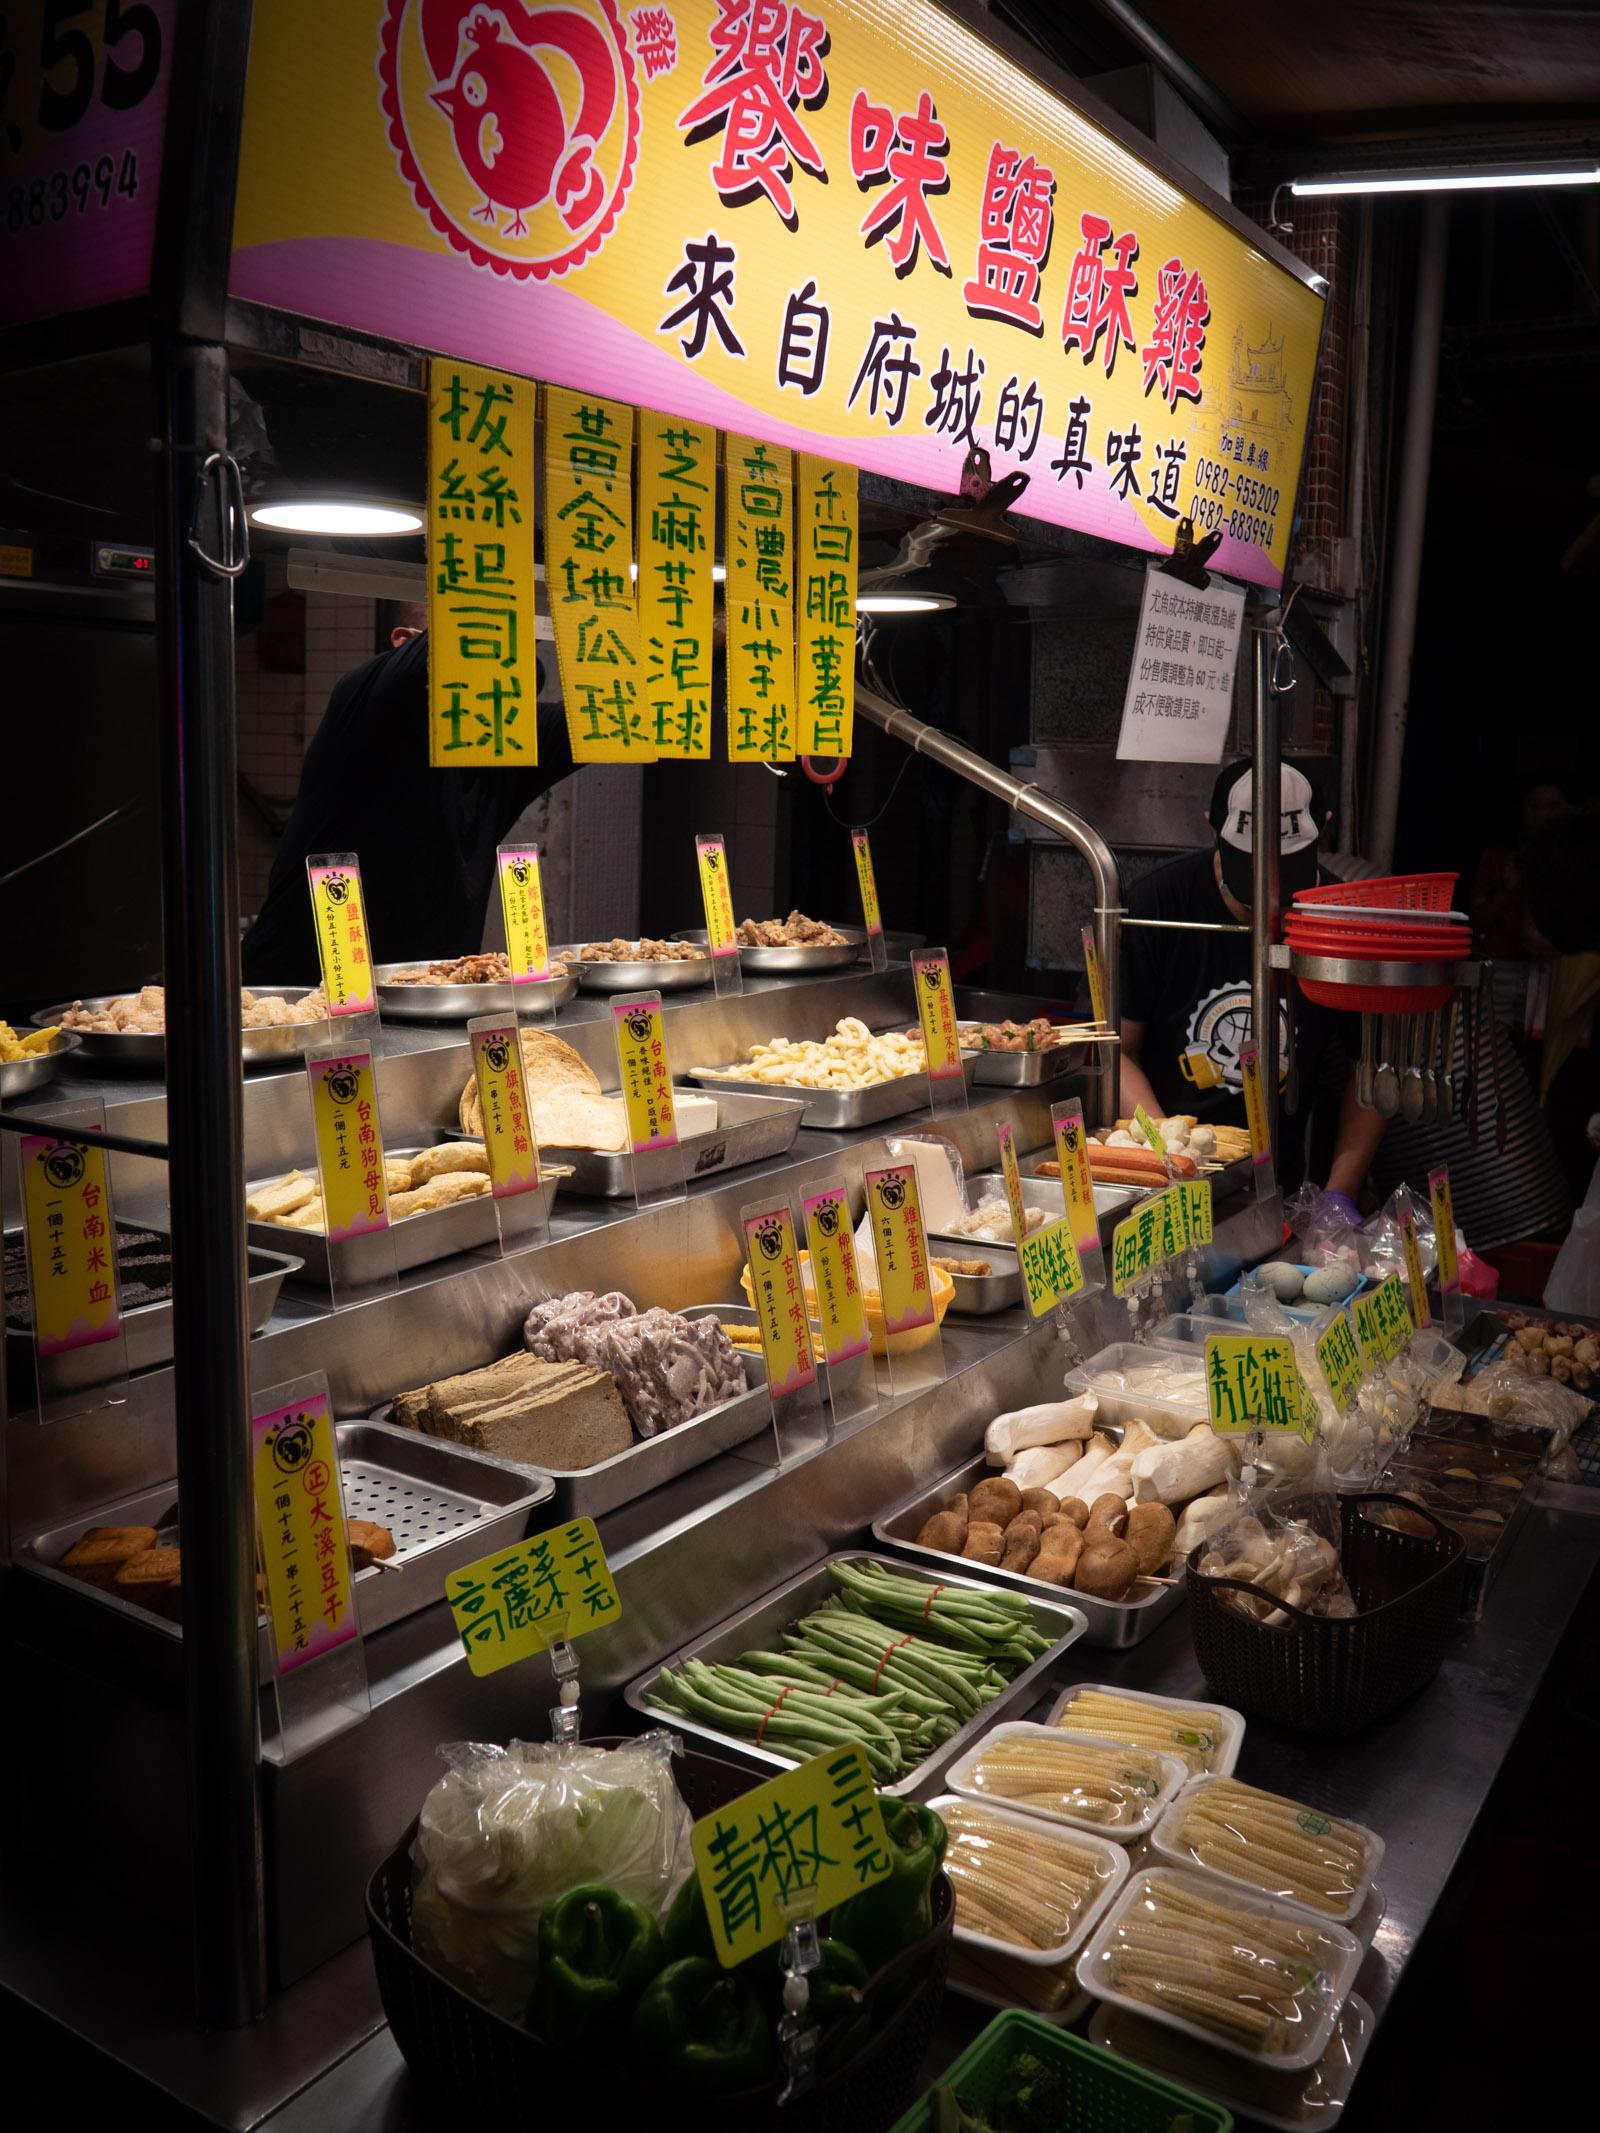 士林夜市の饗味鹹酥雞 好きな食材をその場で調理してくれる